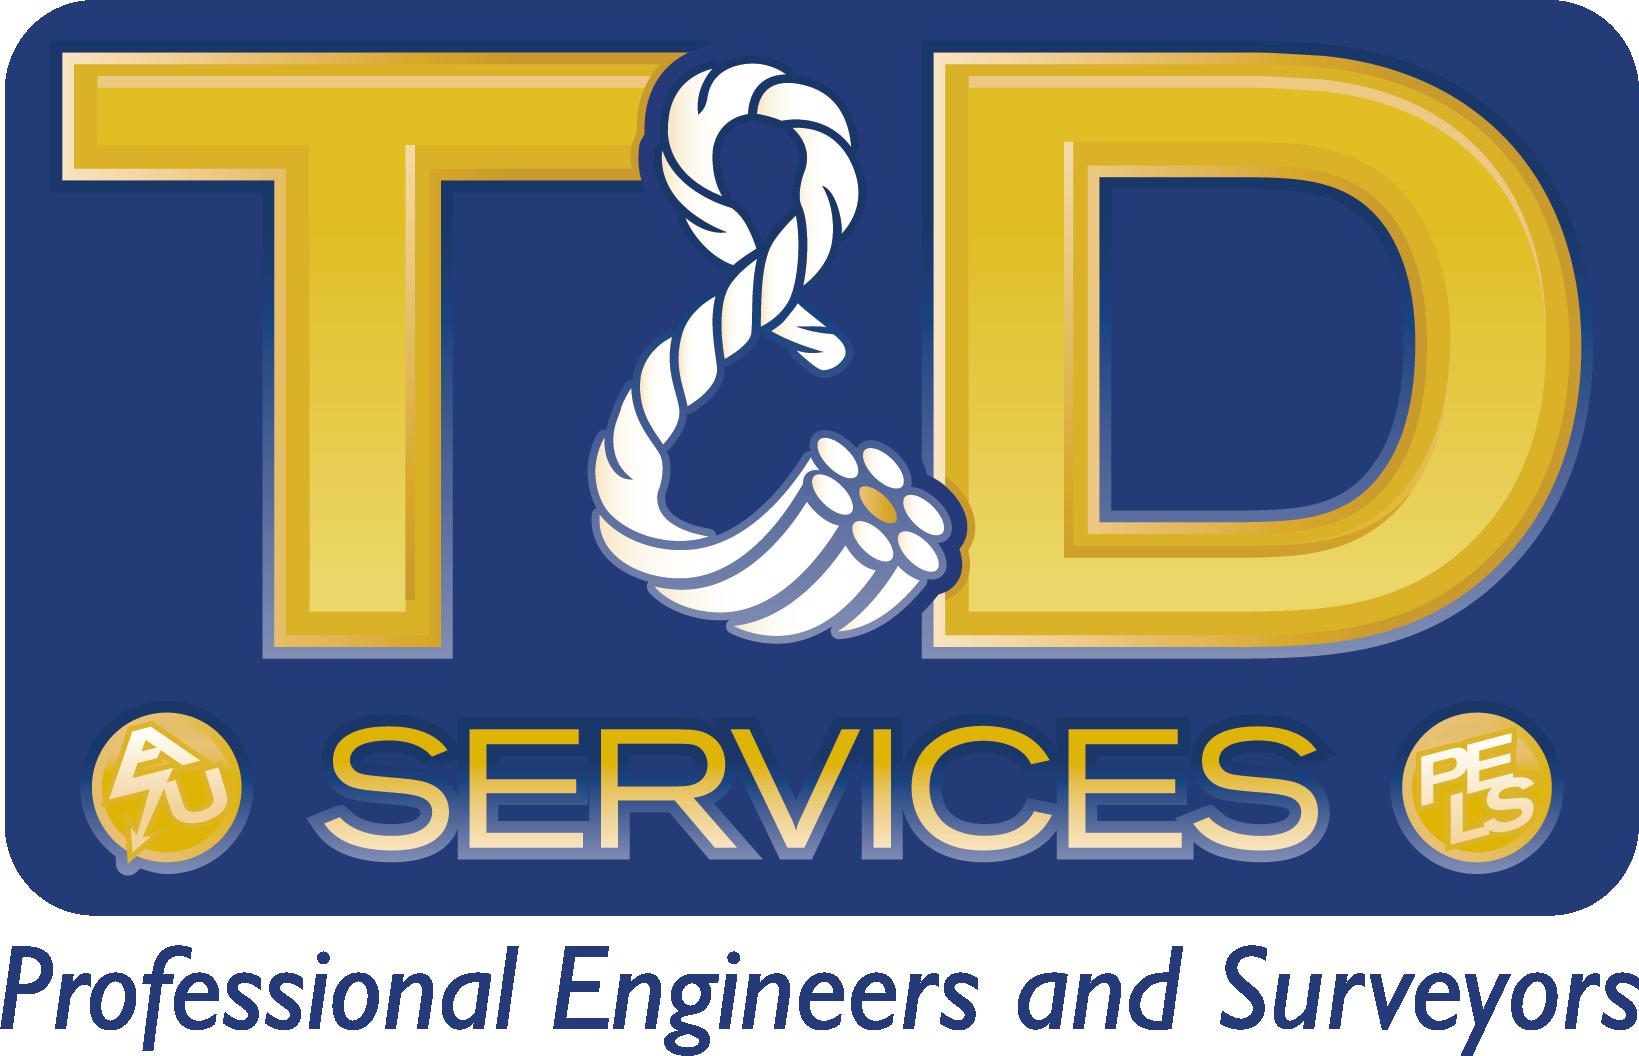 2020 services logo 1